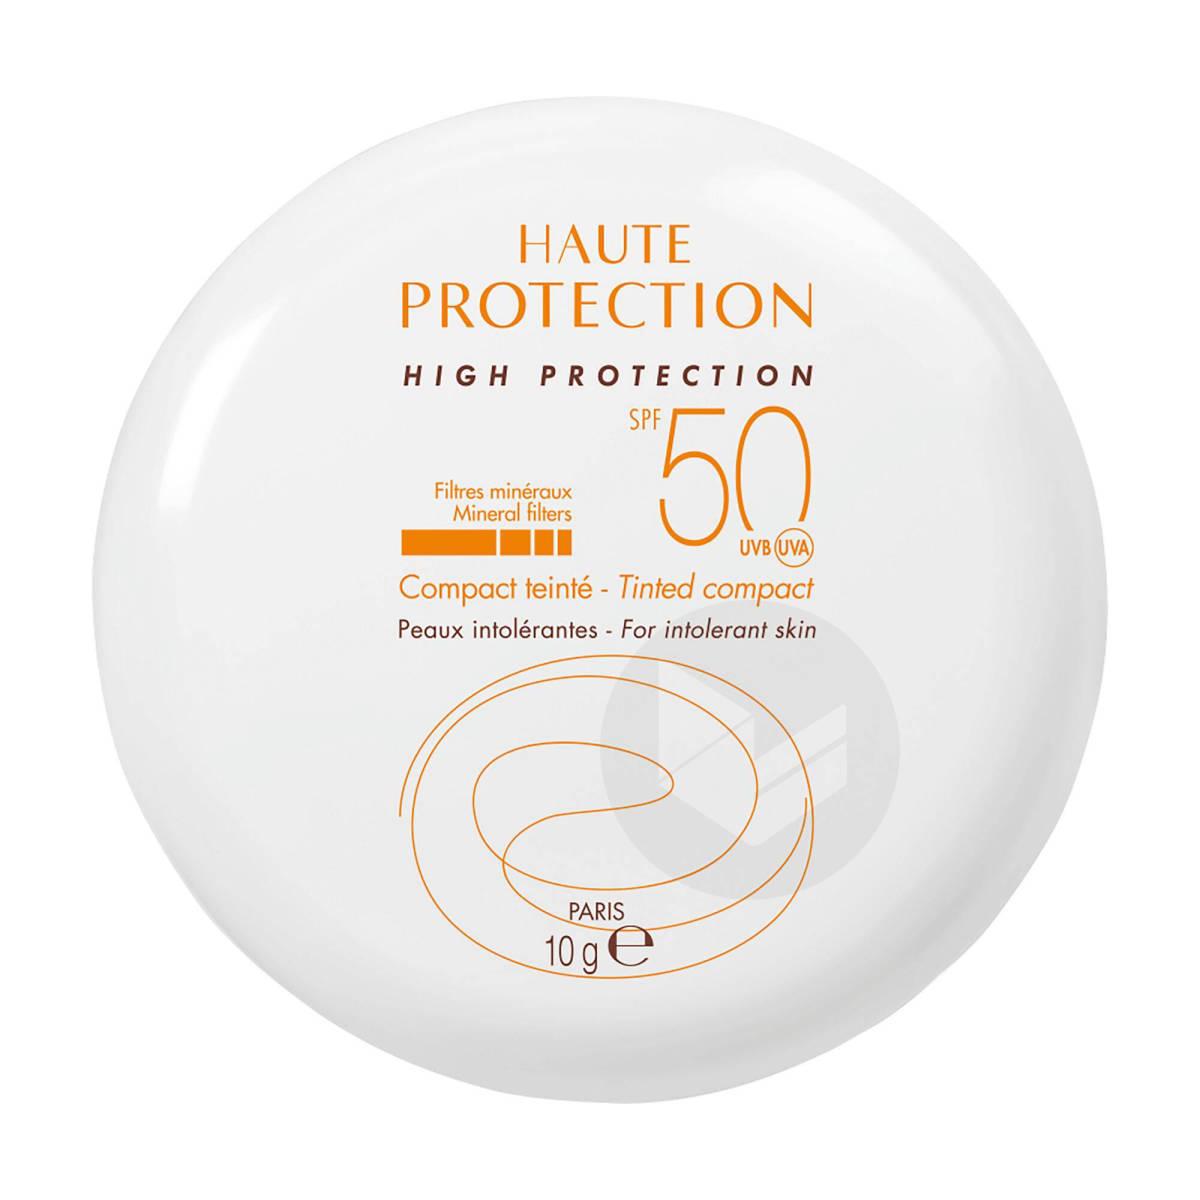 Haute Protection Compact Teinté Sable SPF50 10g